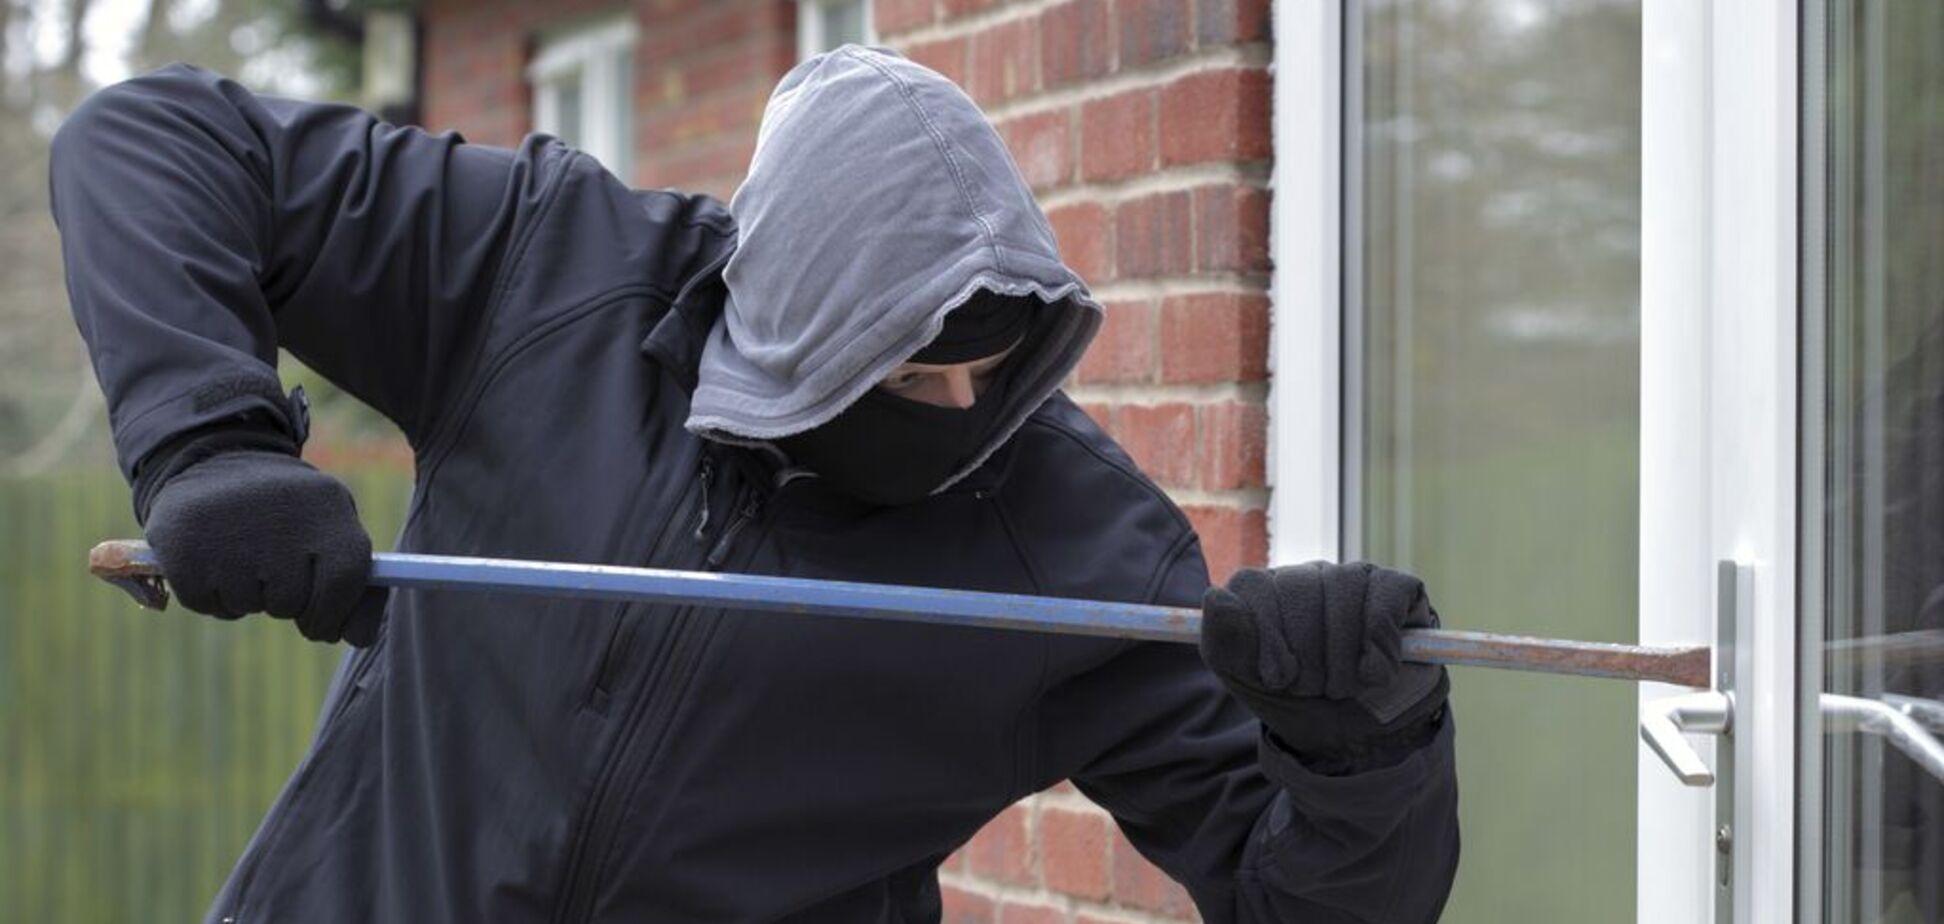 Вломились в дом: в Днепре напали на семью крупного бизнесмена